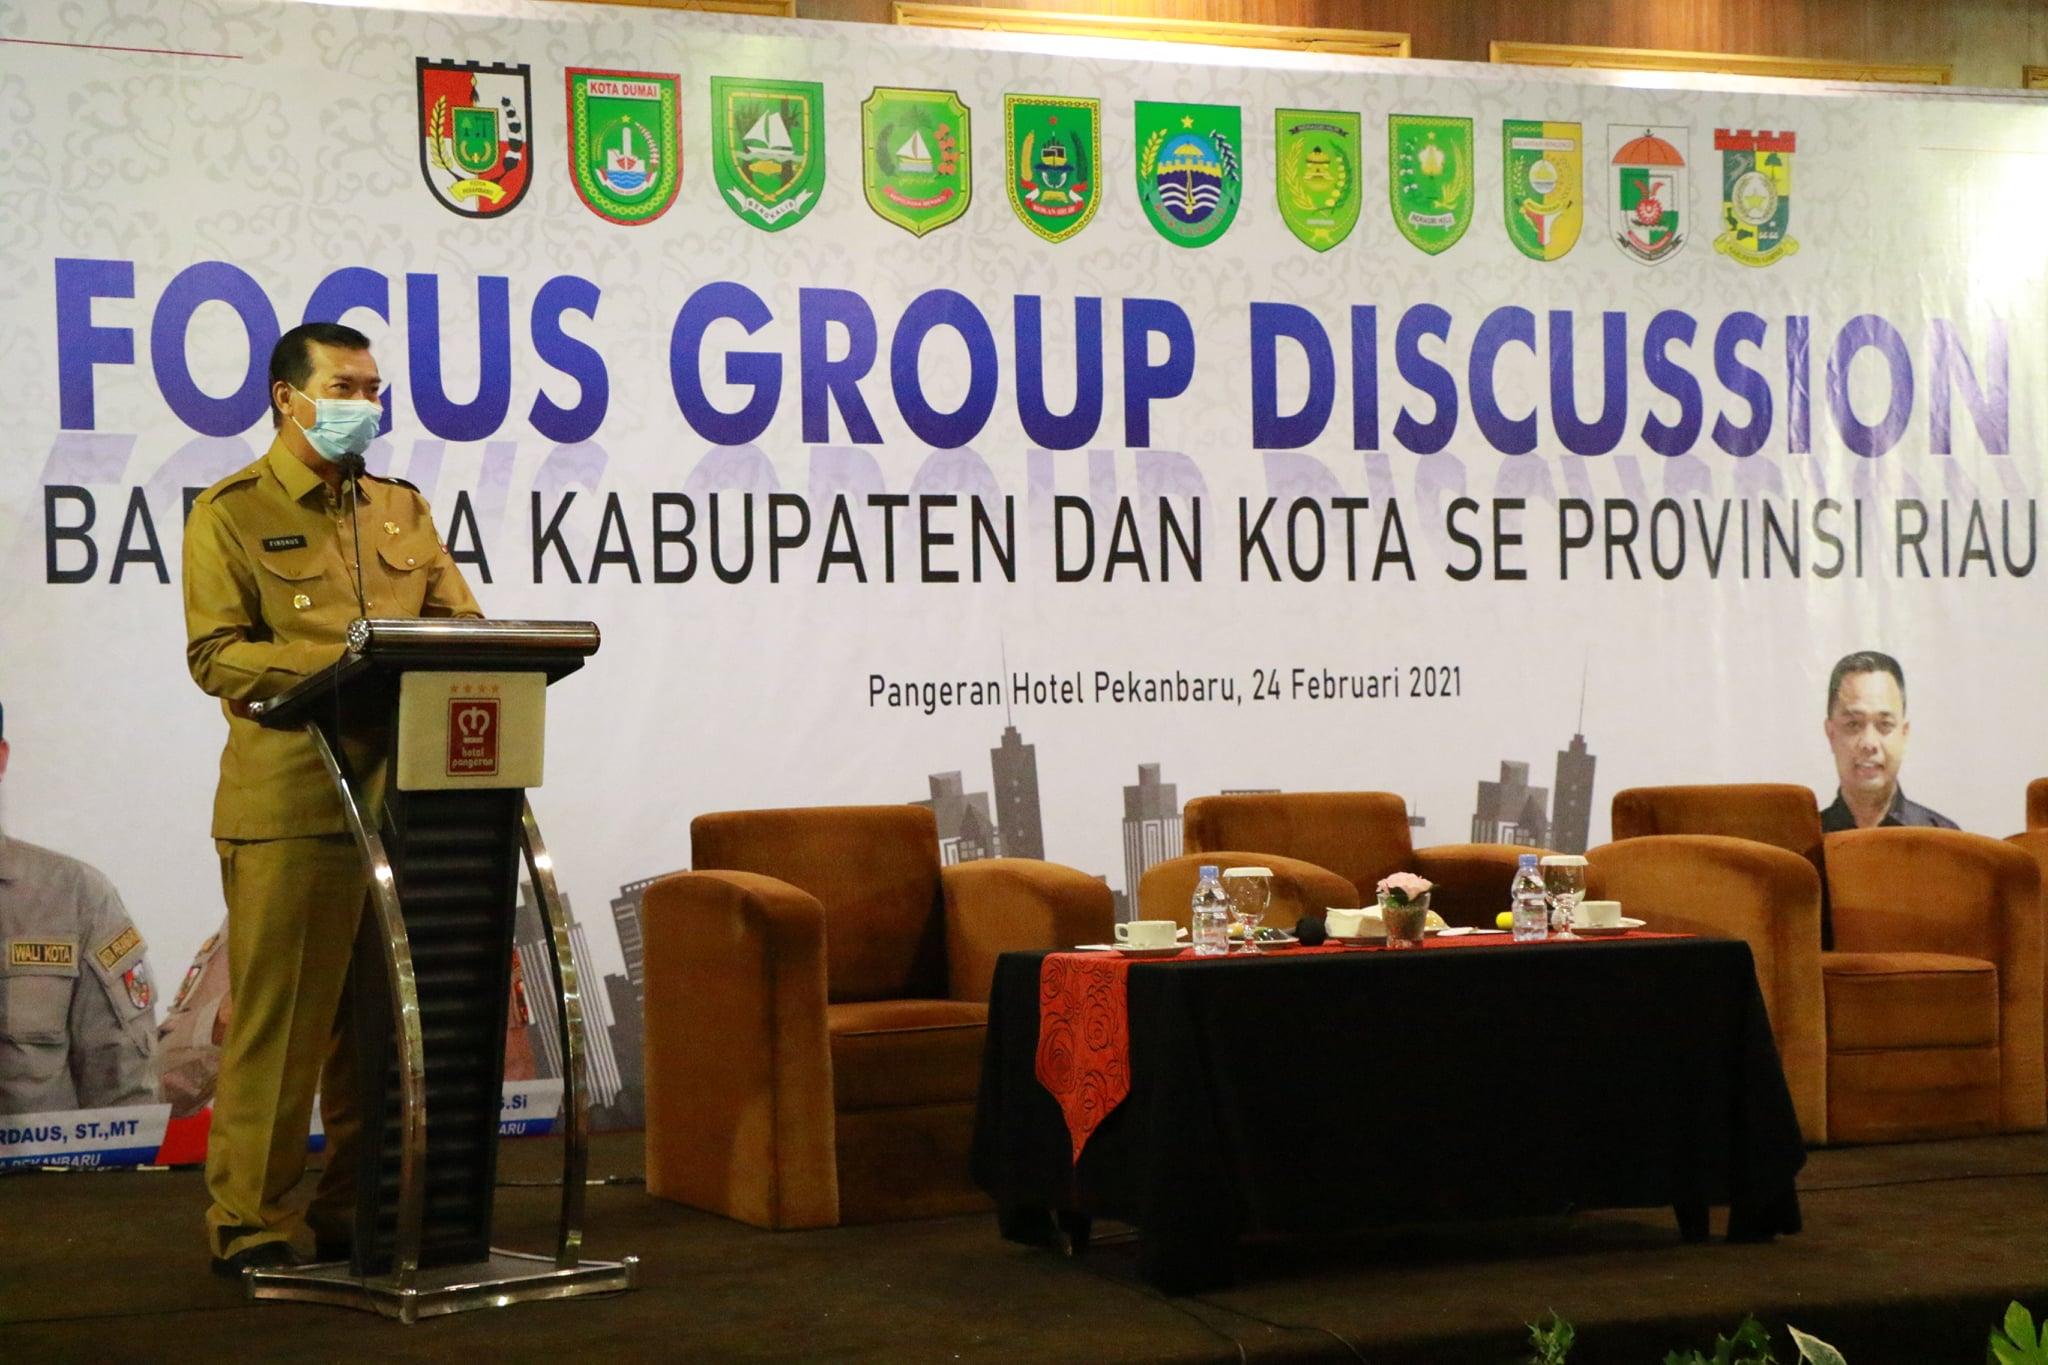 Wali Kota Pekanbaru Dukung Integrasi Ekonomi dan Keuangan Digital